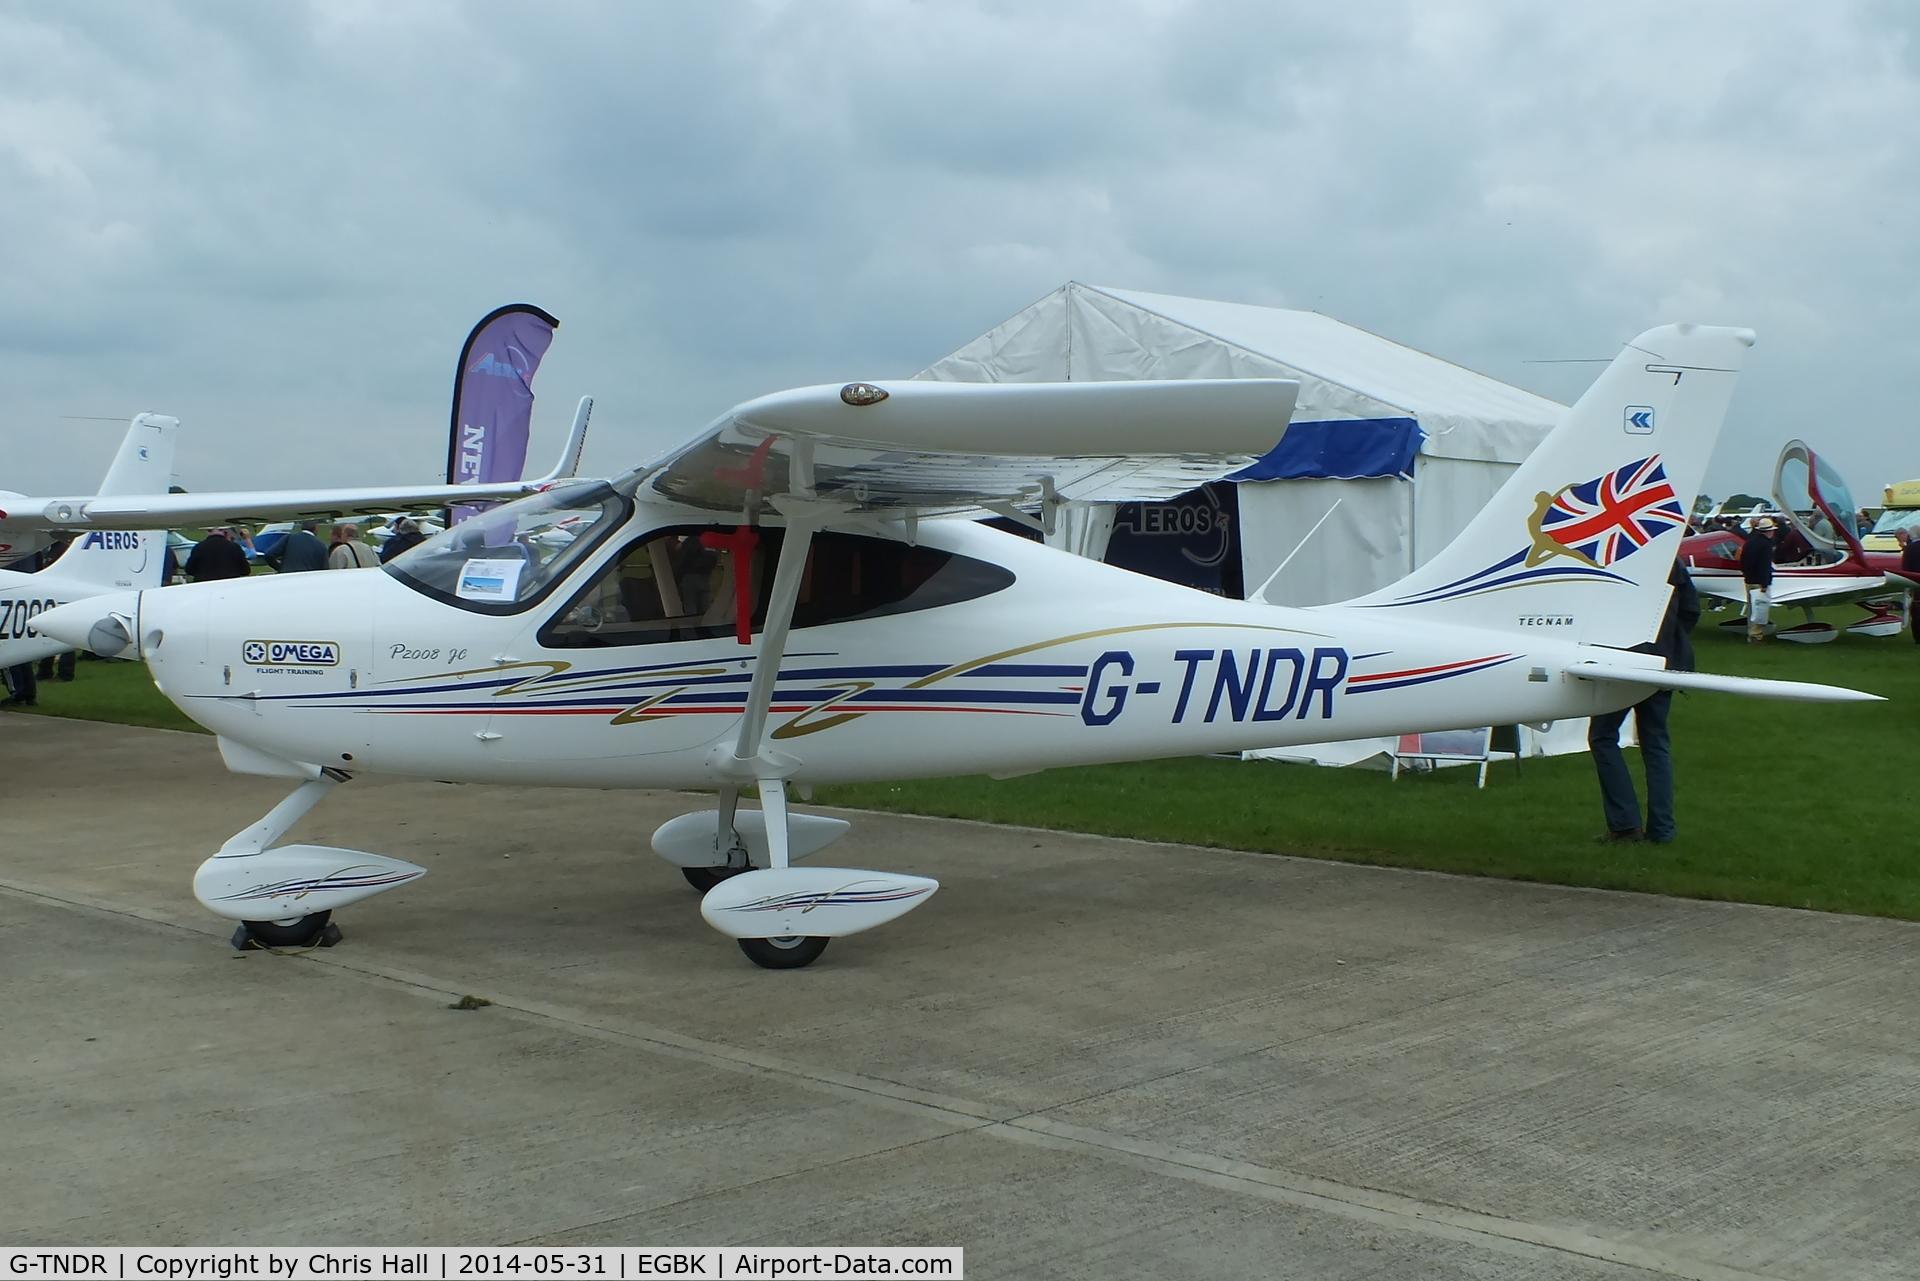 G-TNDR, 2014 Tecnam P-2008JC C/N 1035, at AeroExpo 2014